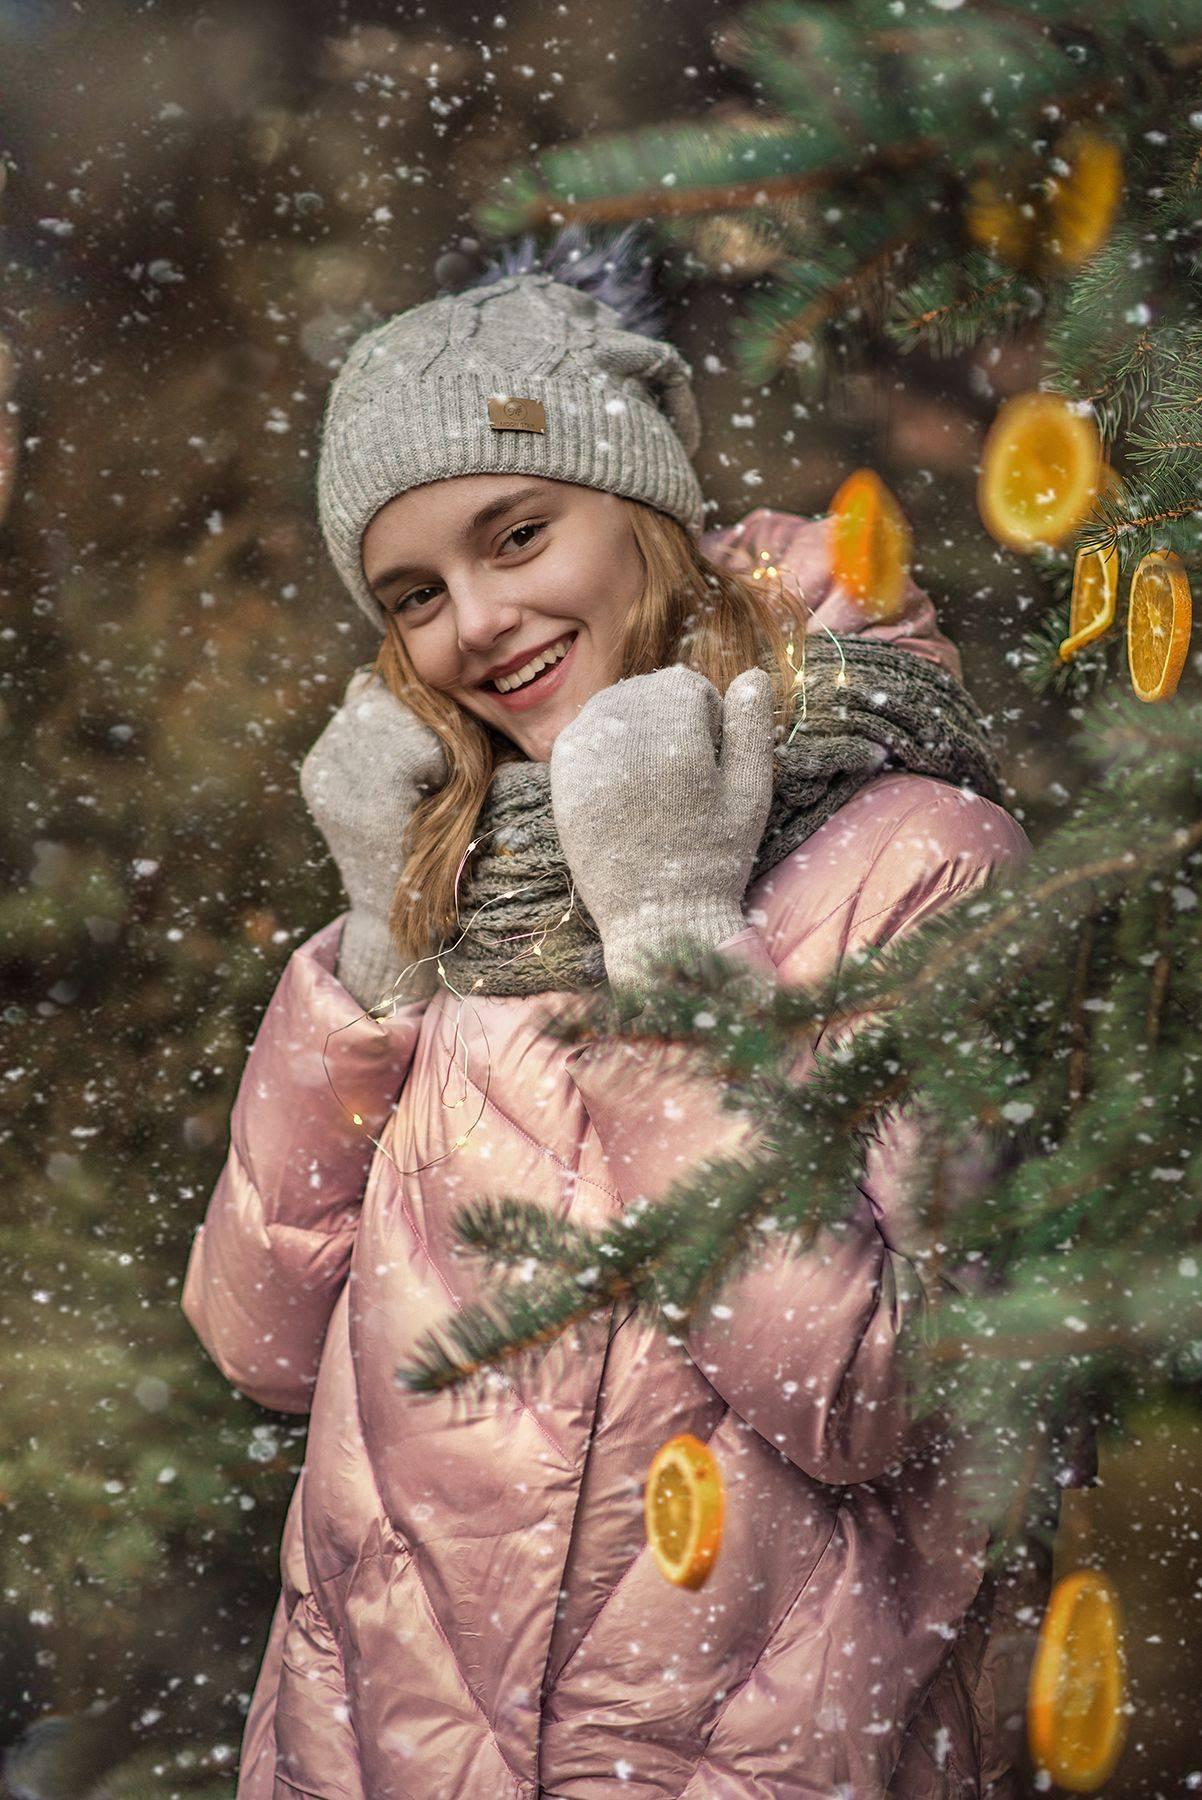 «любовь согревает», или как снимать свадьбу зимой / съёмка для начинающих / уроки фотографии